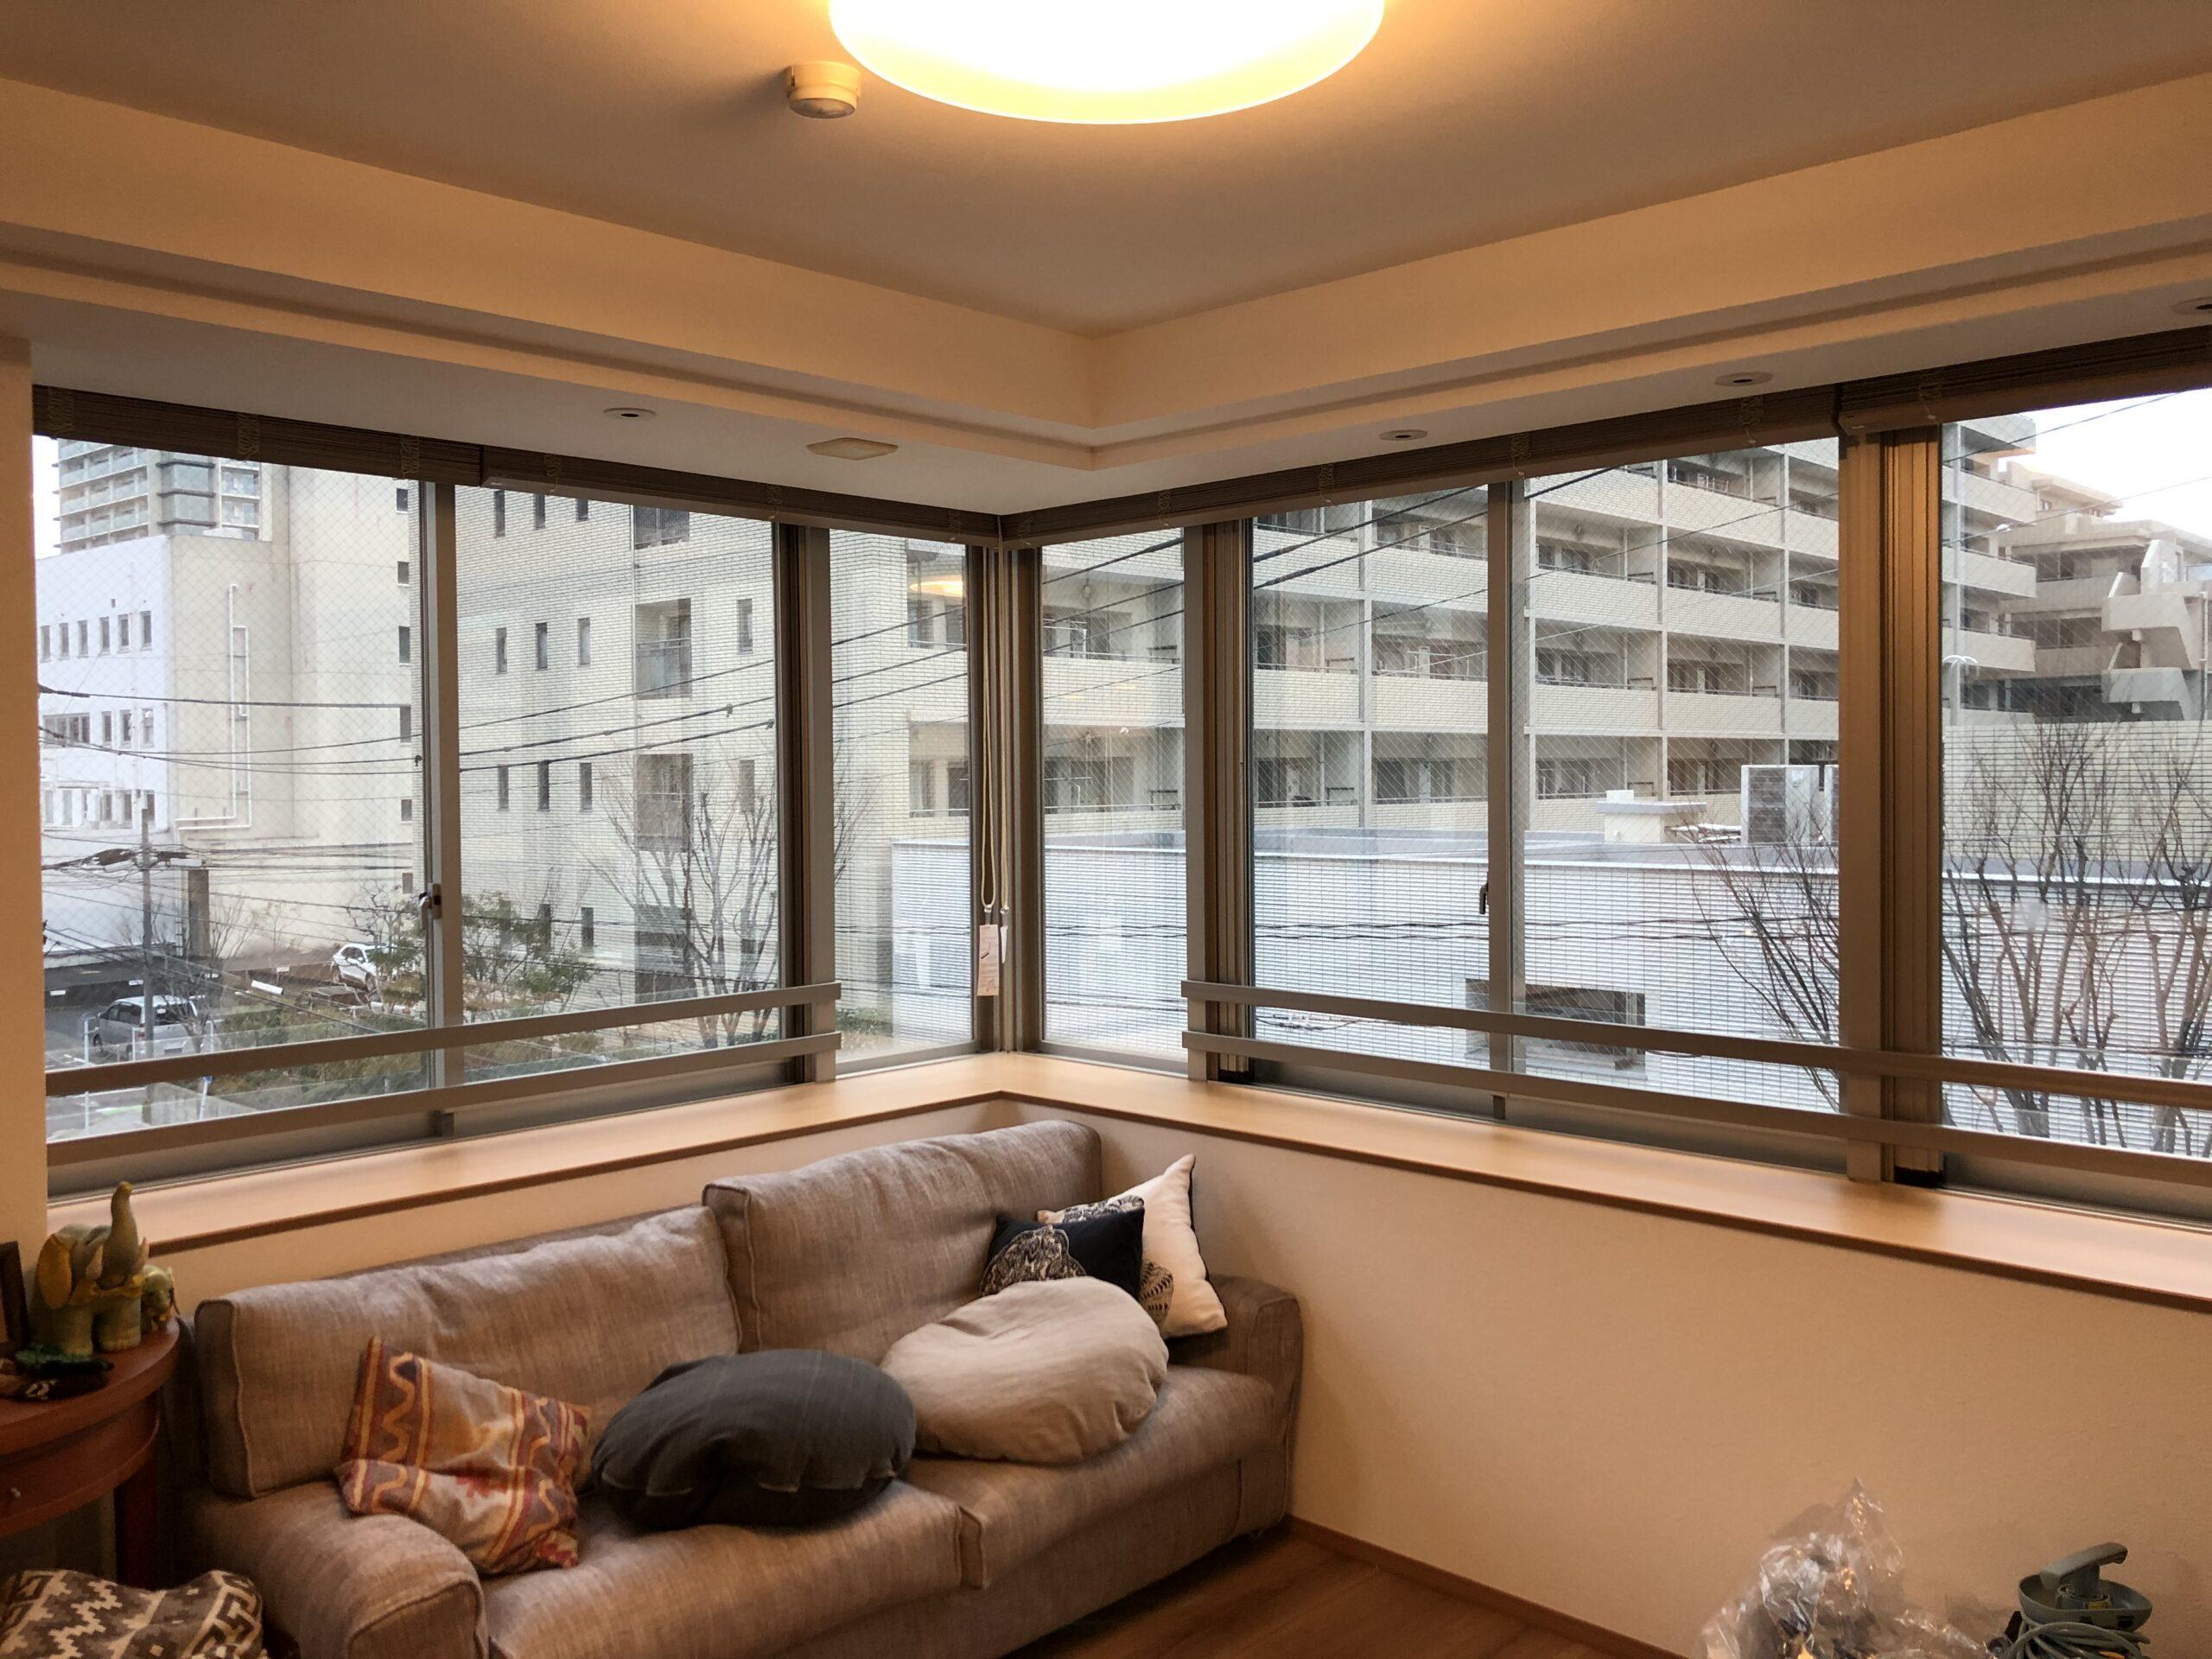 早良区西新で窓ガラスに目隠しミラーフィルムを施工